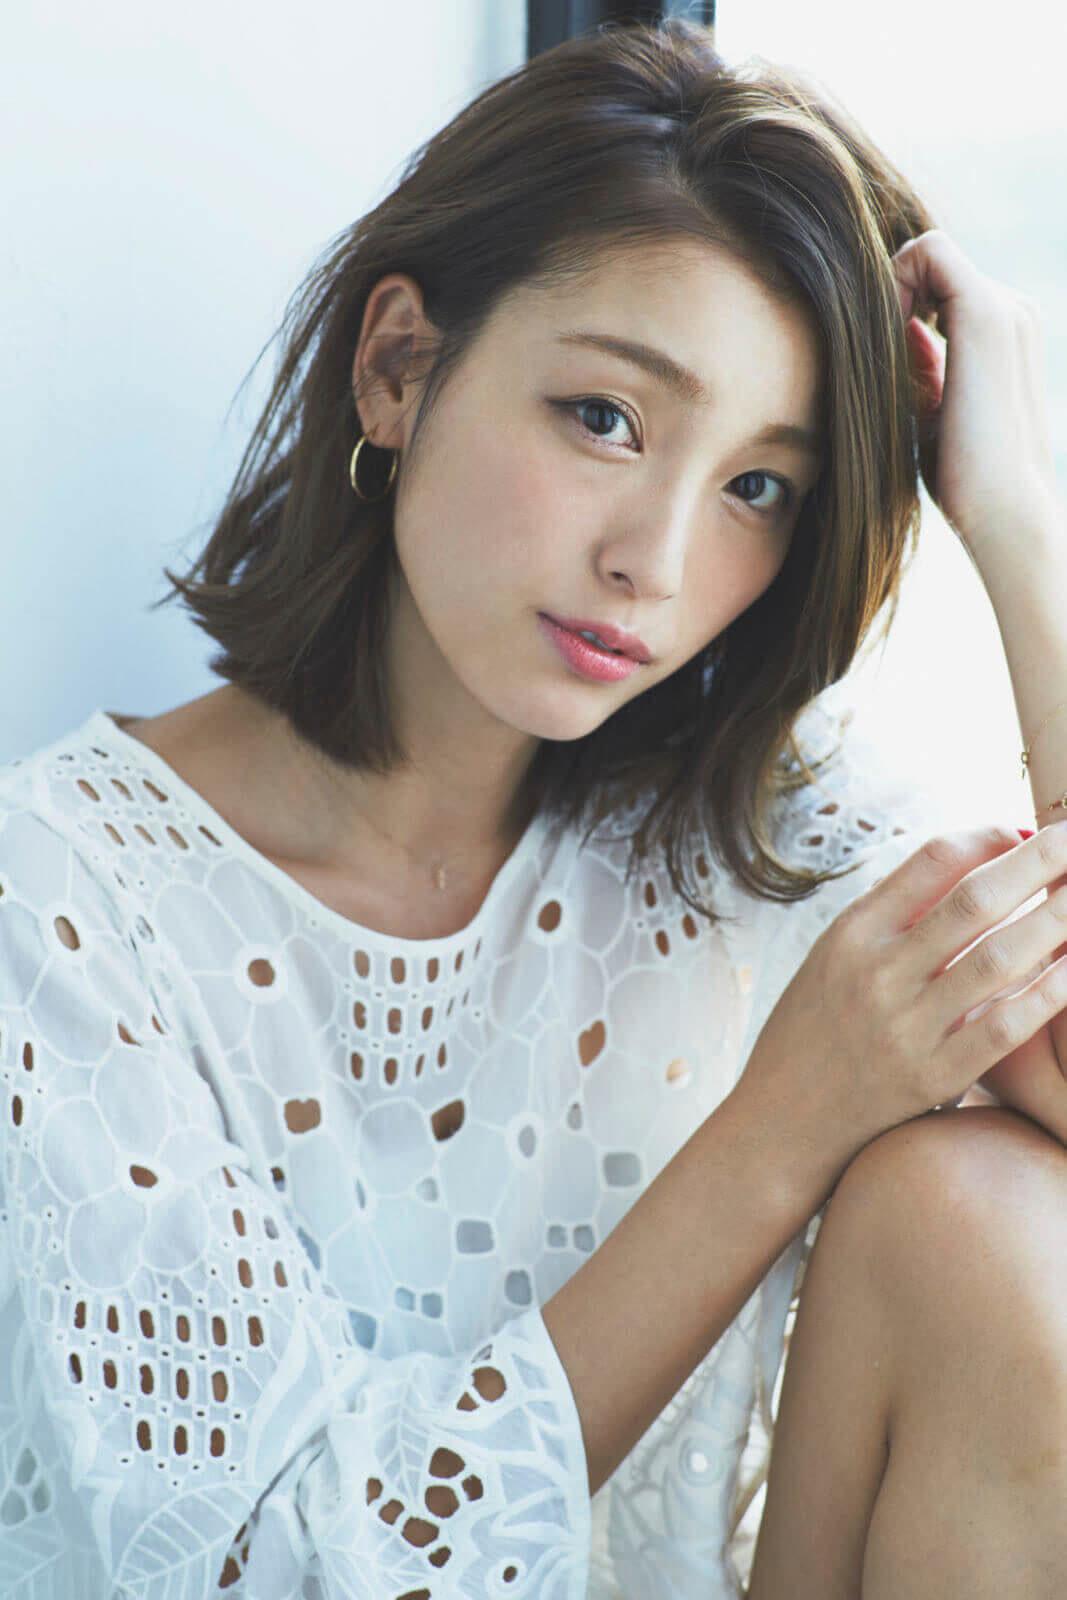 木下優樹菜 安室奈美恵のライブで号泣「娘が抱きしめてくれた」サムネイル画像